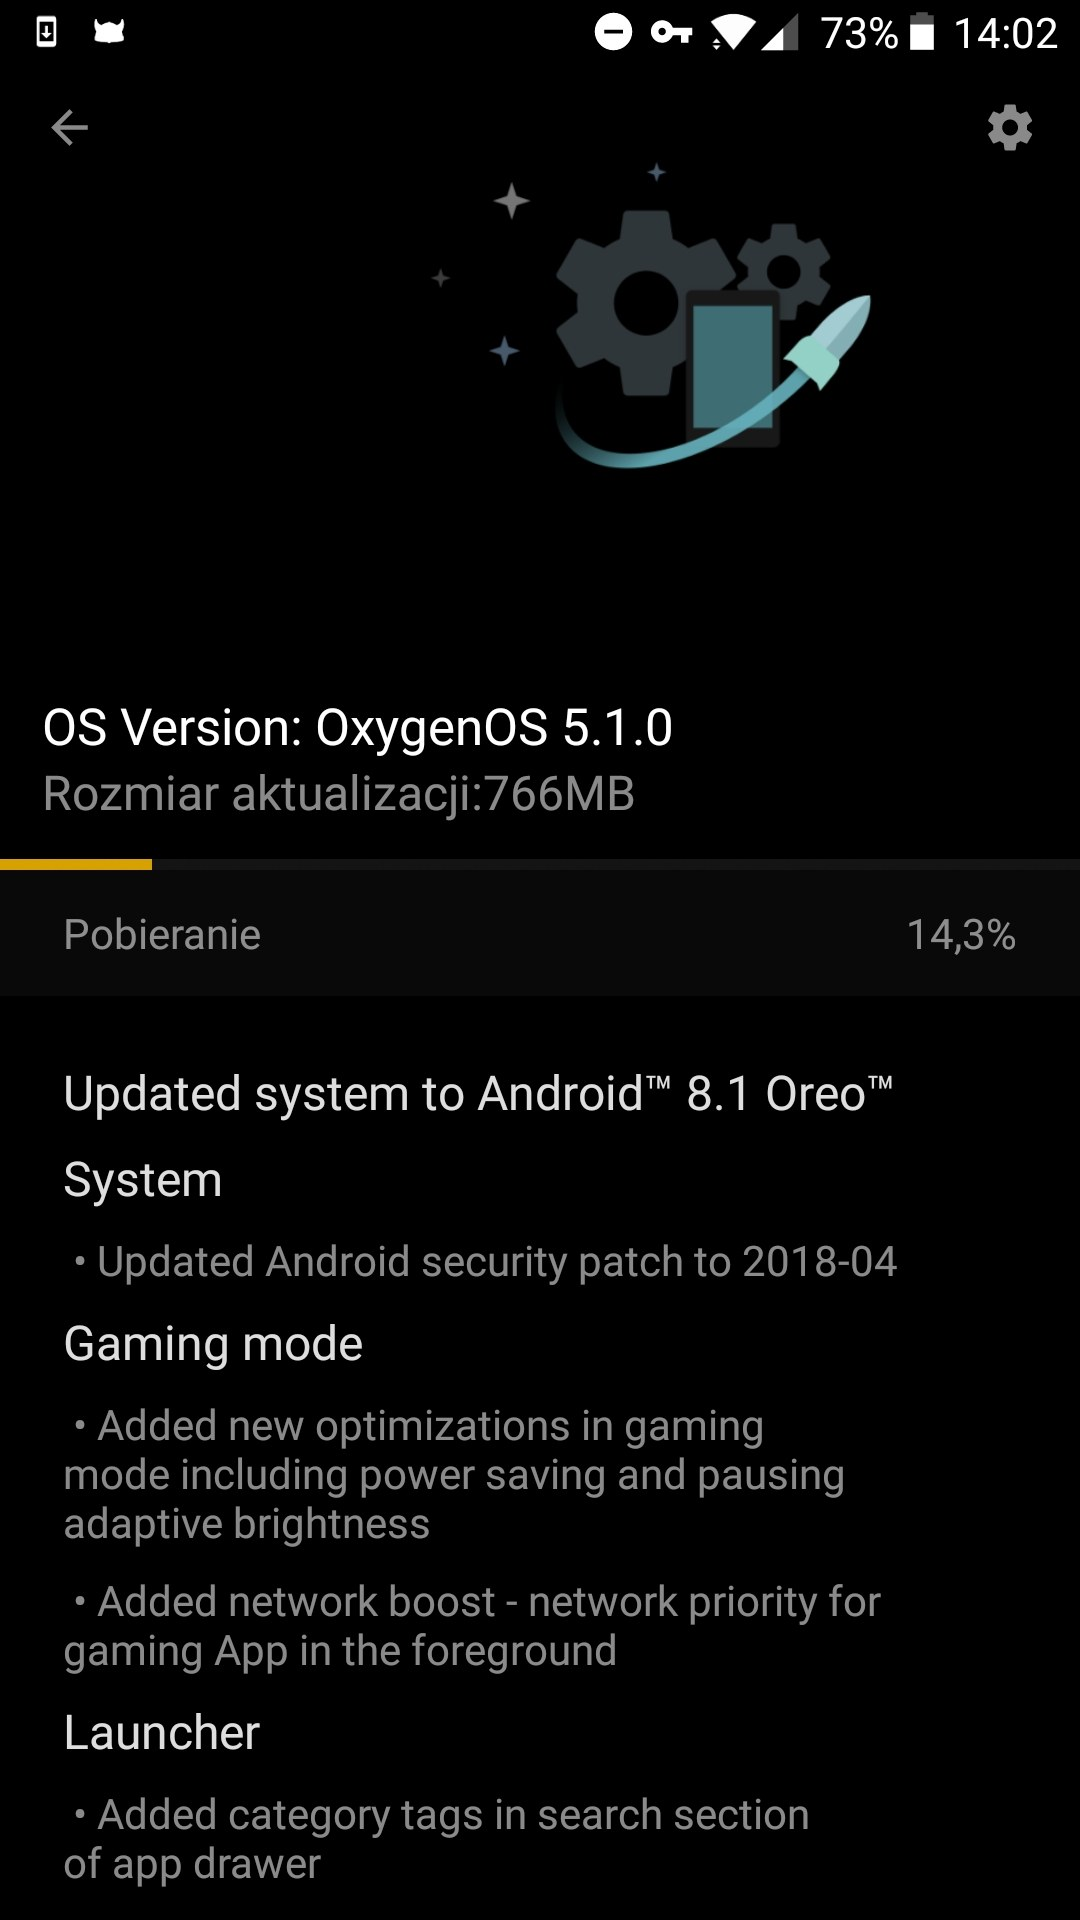 OxygenOS 5.1.0 Oneplus 5